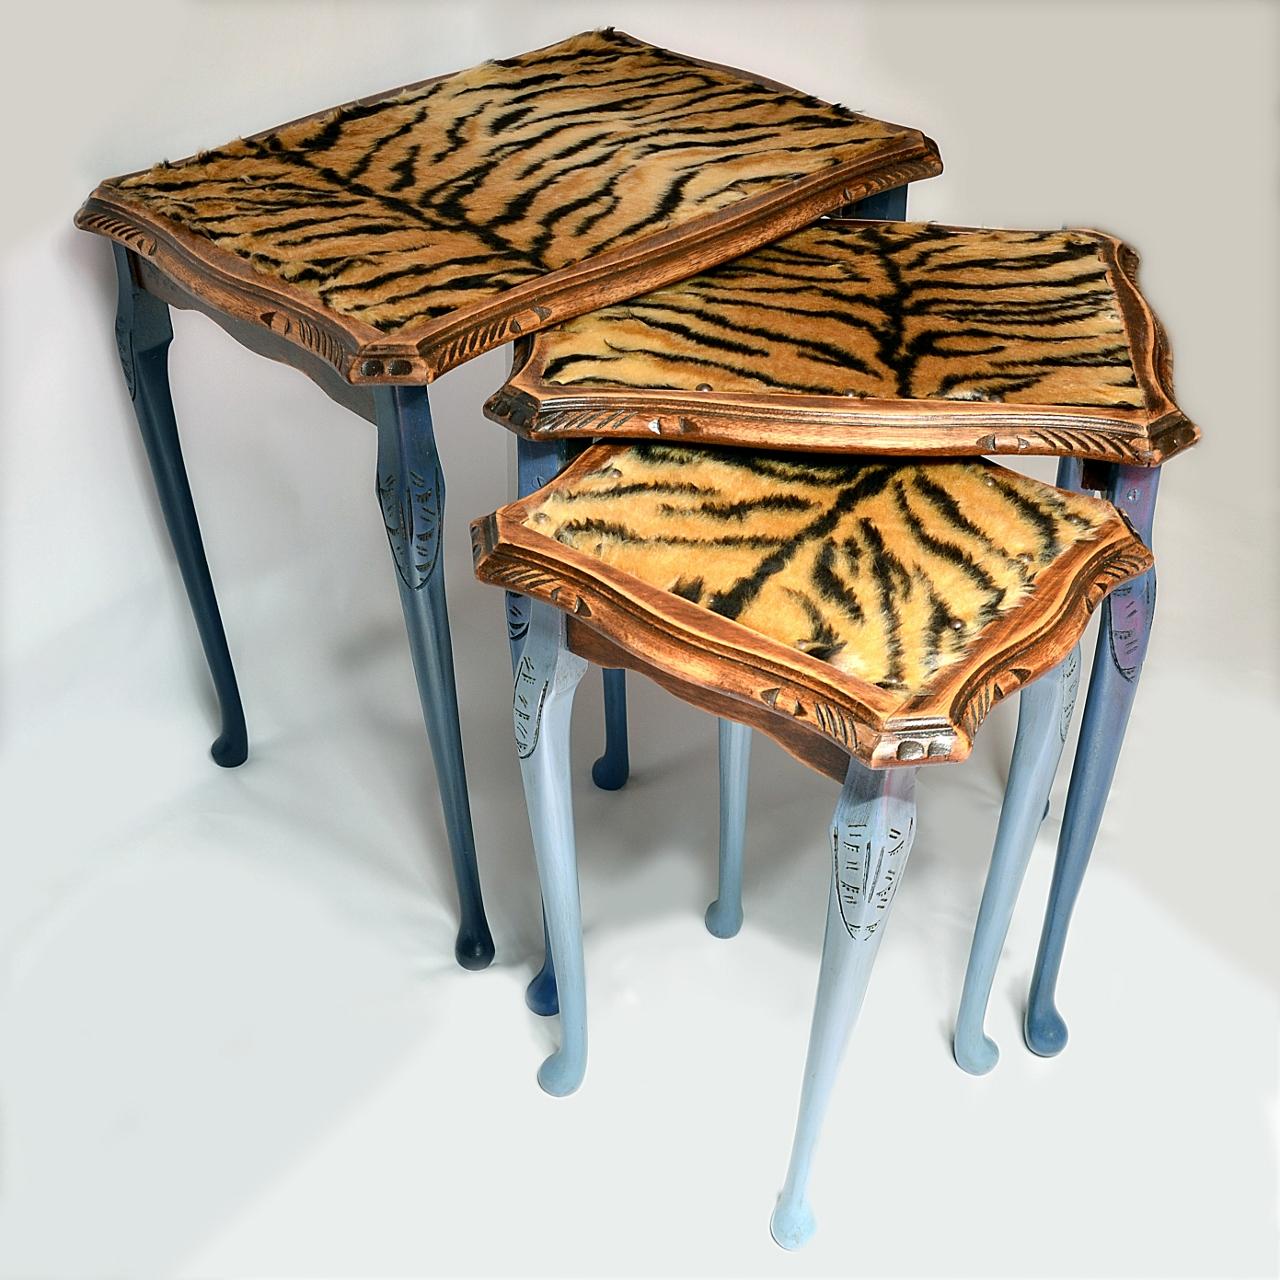 ReFound Furniture Exhibition Space, Belfast